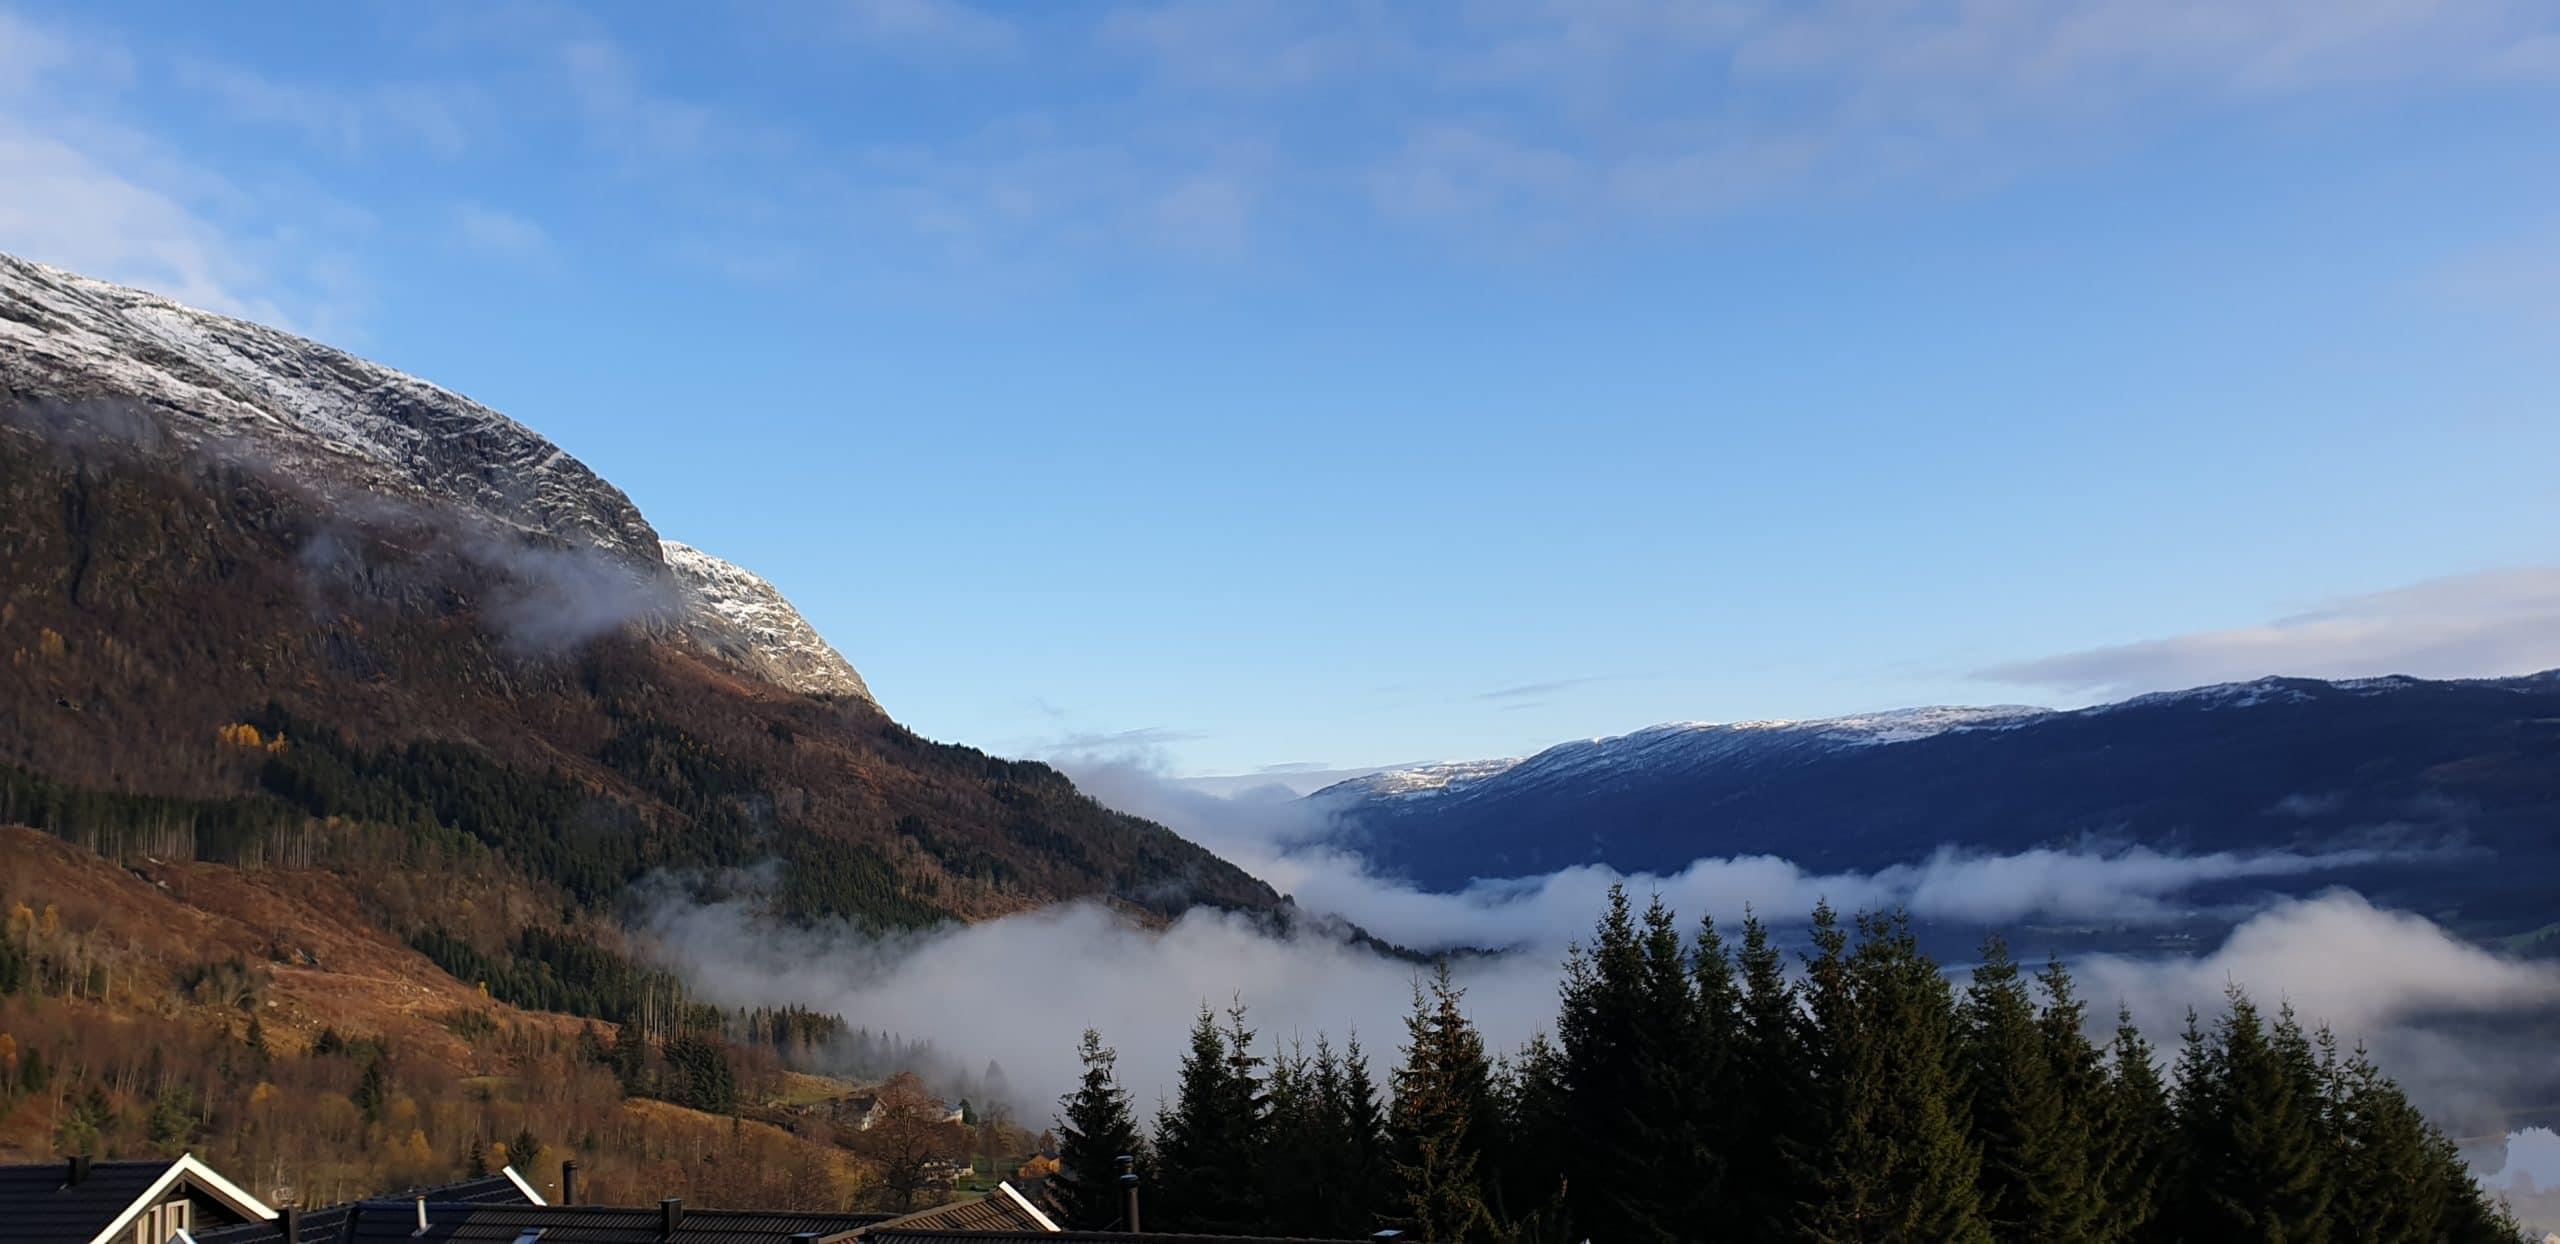 Incoming morning fog